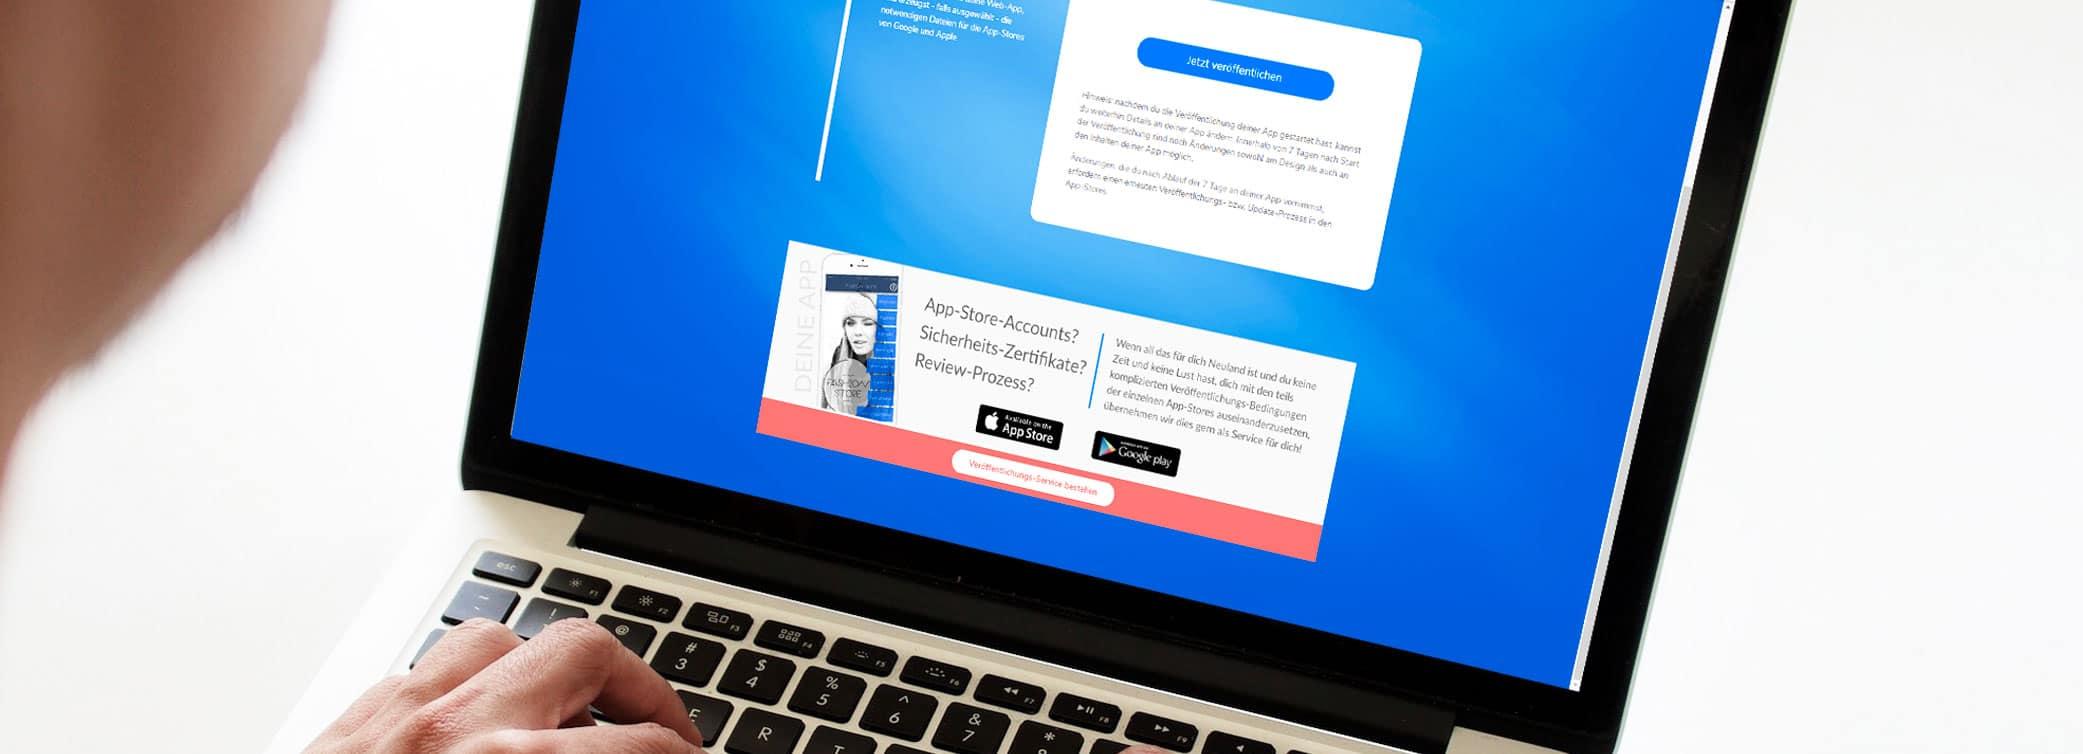 ON AIR Appbuilder - Unser Veröffentlichungsservice